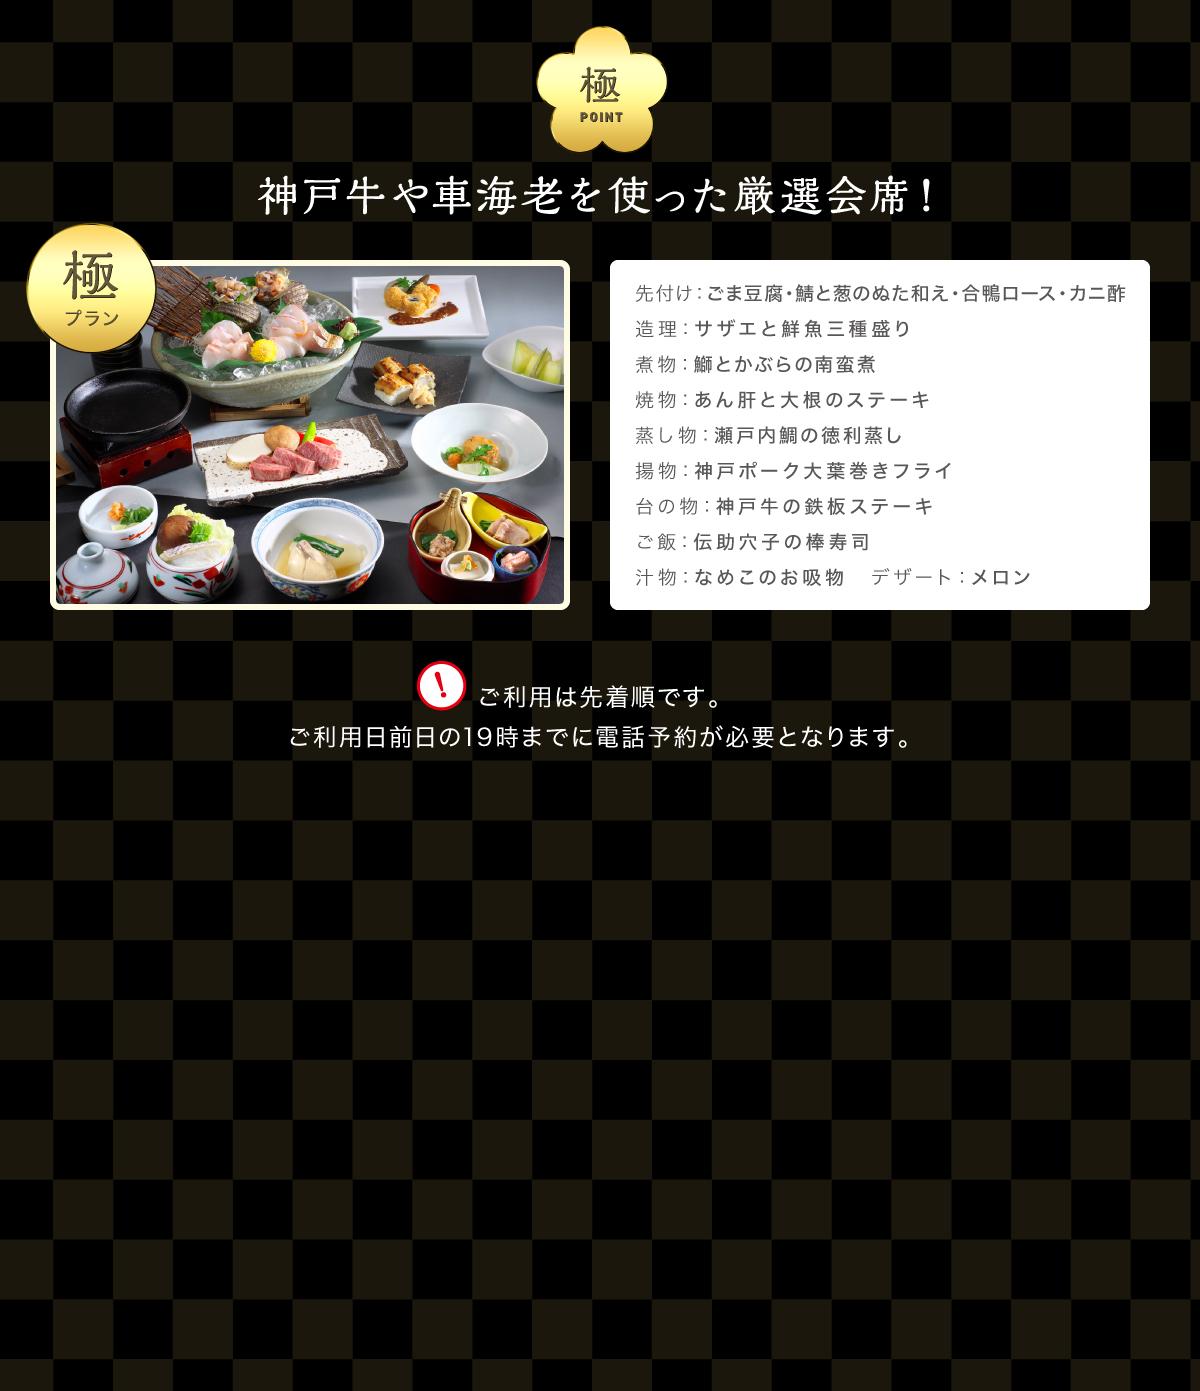 牛バラ肉と淡路玉葱のすき鍋や手巻き寿司をメインに、お作りや季節の料理を味わえる全8品の豪華なコース料理を堪能できます